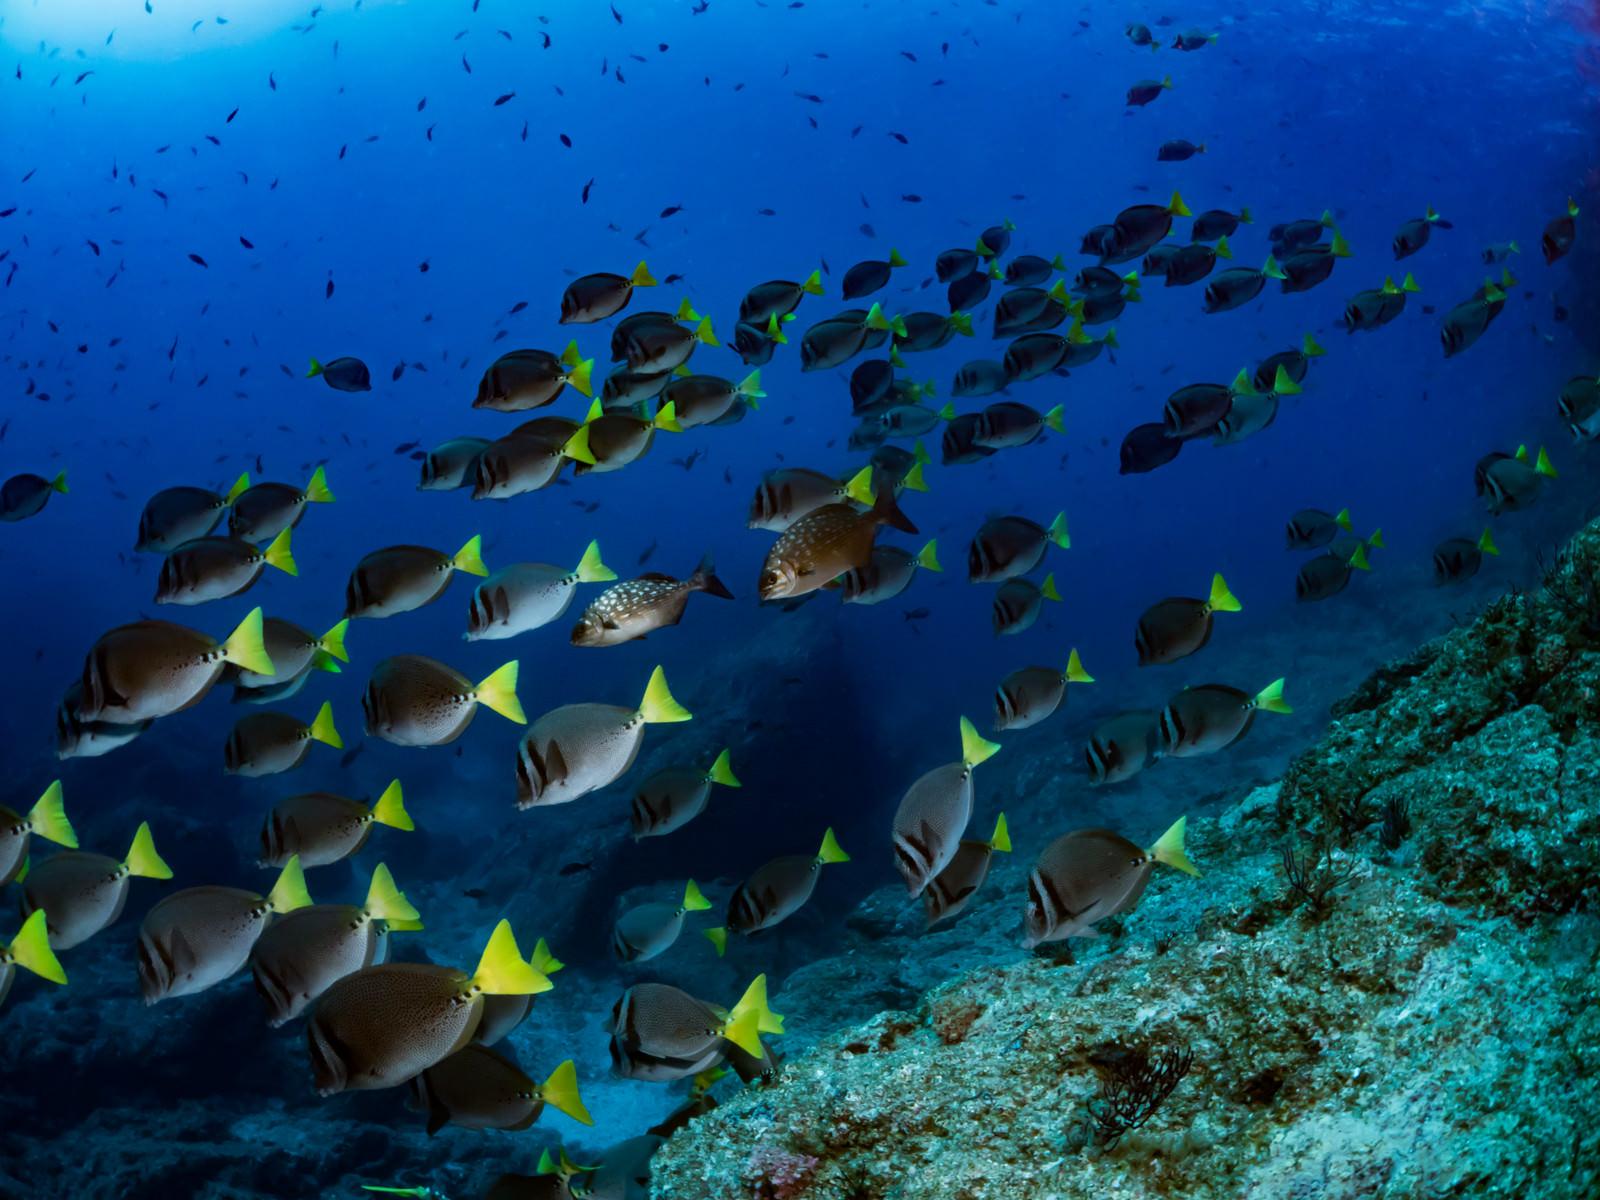 「コルテス海を泳ぐイエローテイルサージョンフィッシュの群れ」の写真